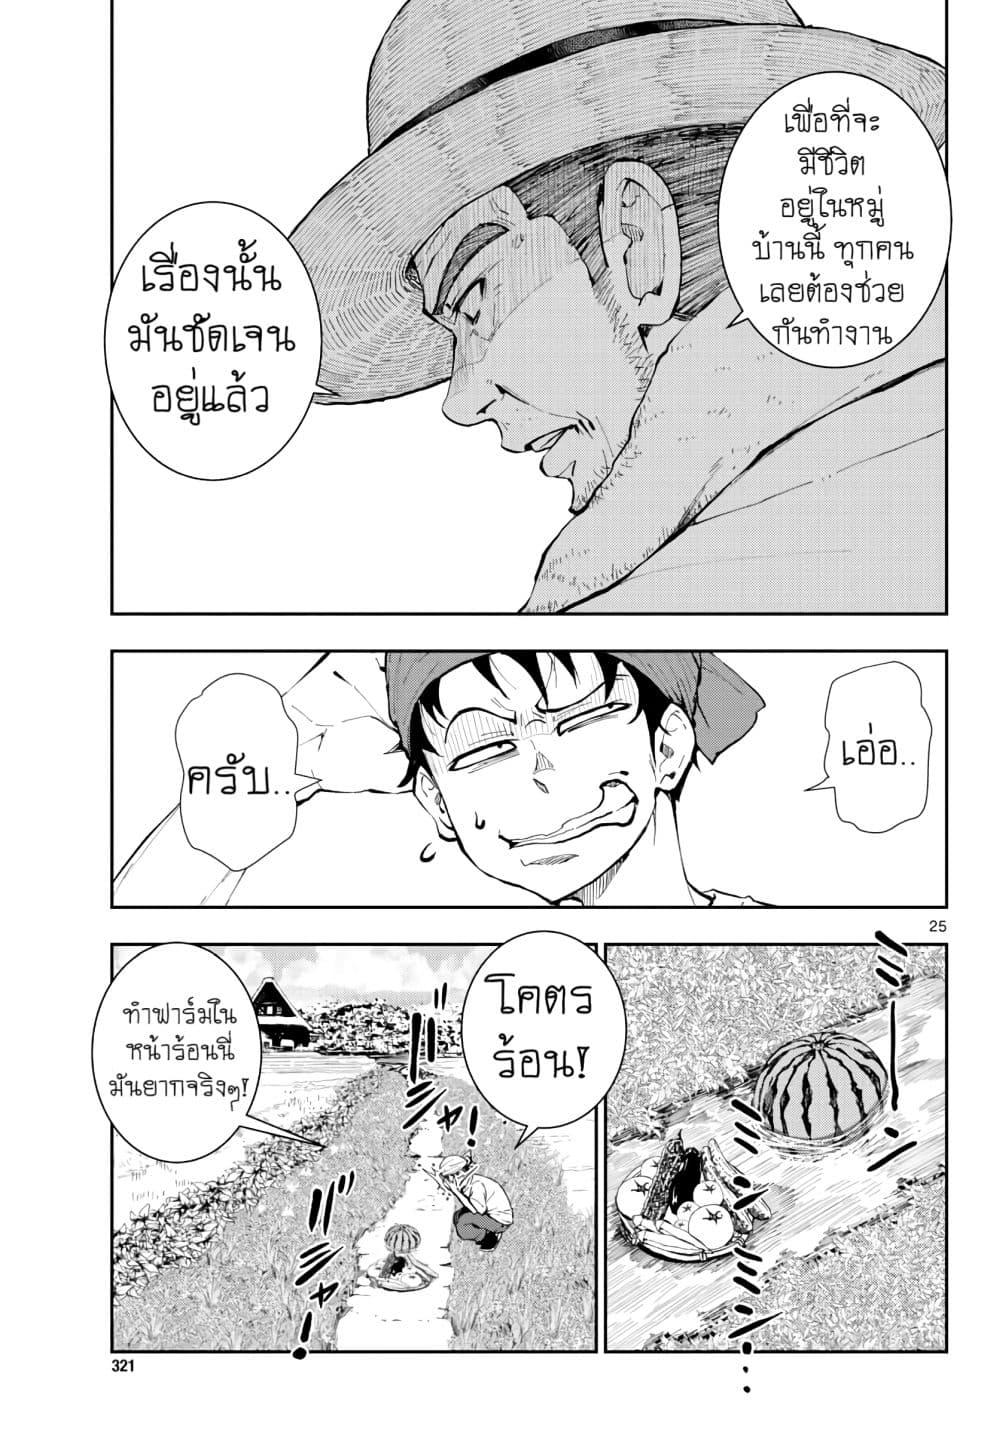 อ่านการ์ตูน Zombie 100 Zombie Ni Naru Made Ni Shitai 100 no koto ตอนที่ 15 หน้าที่ 24